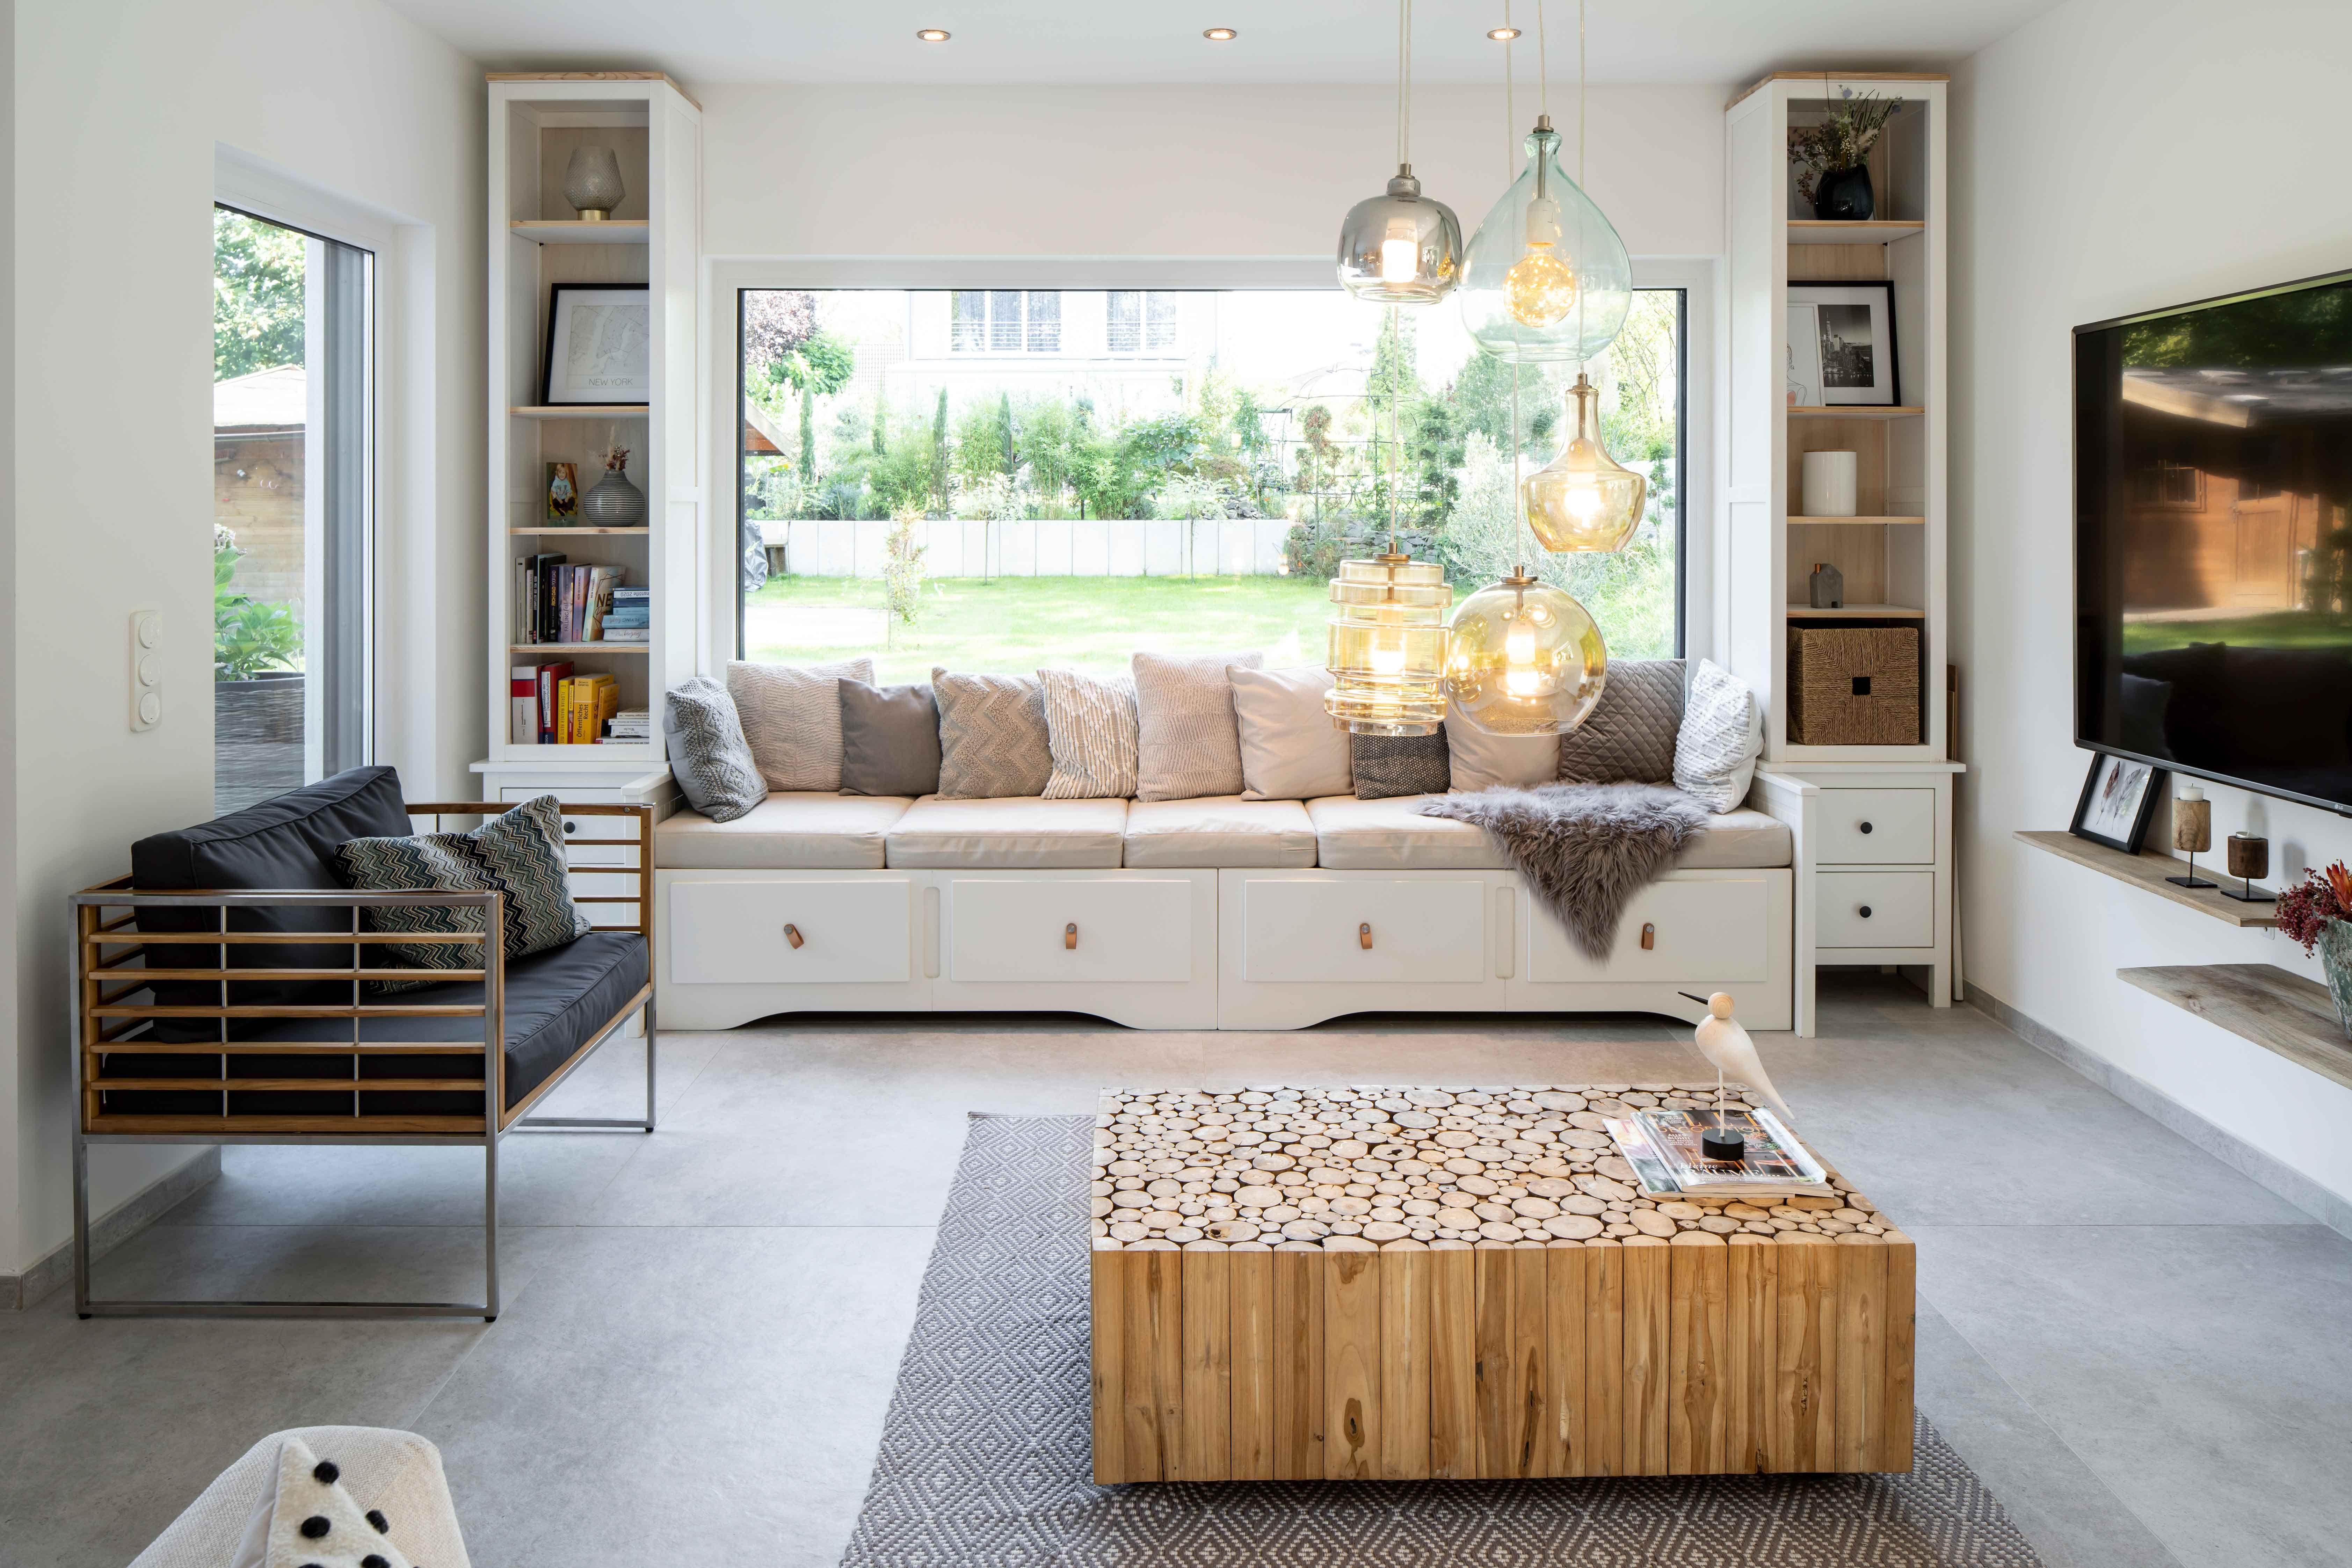 Einfamilienhaus Medley 3 In 2021 Fertighäuser Wohnideen Wohnzimmer Haus Deko